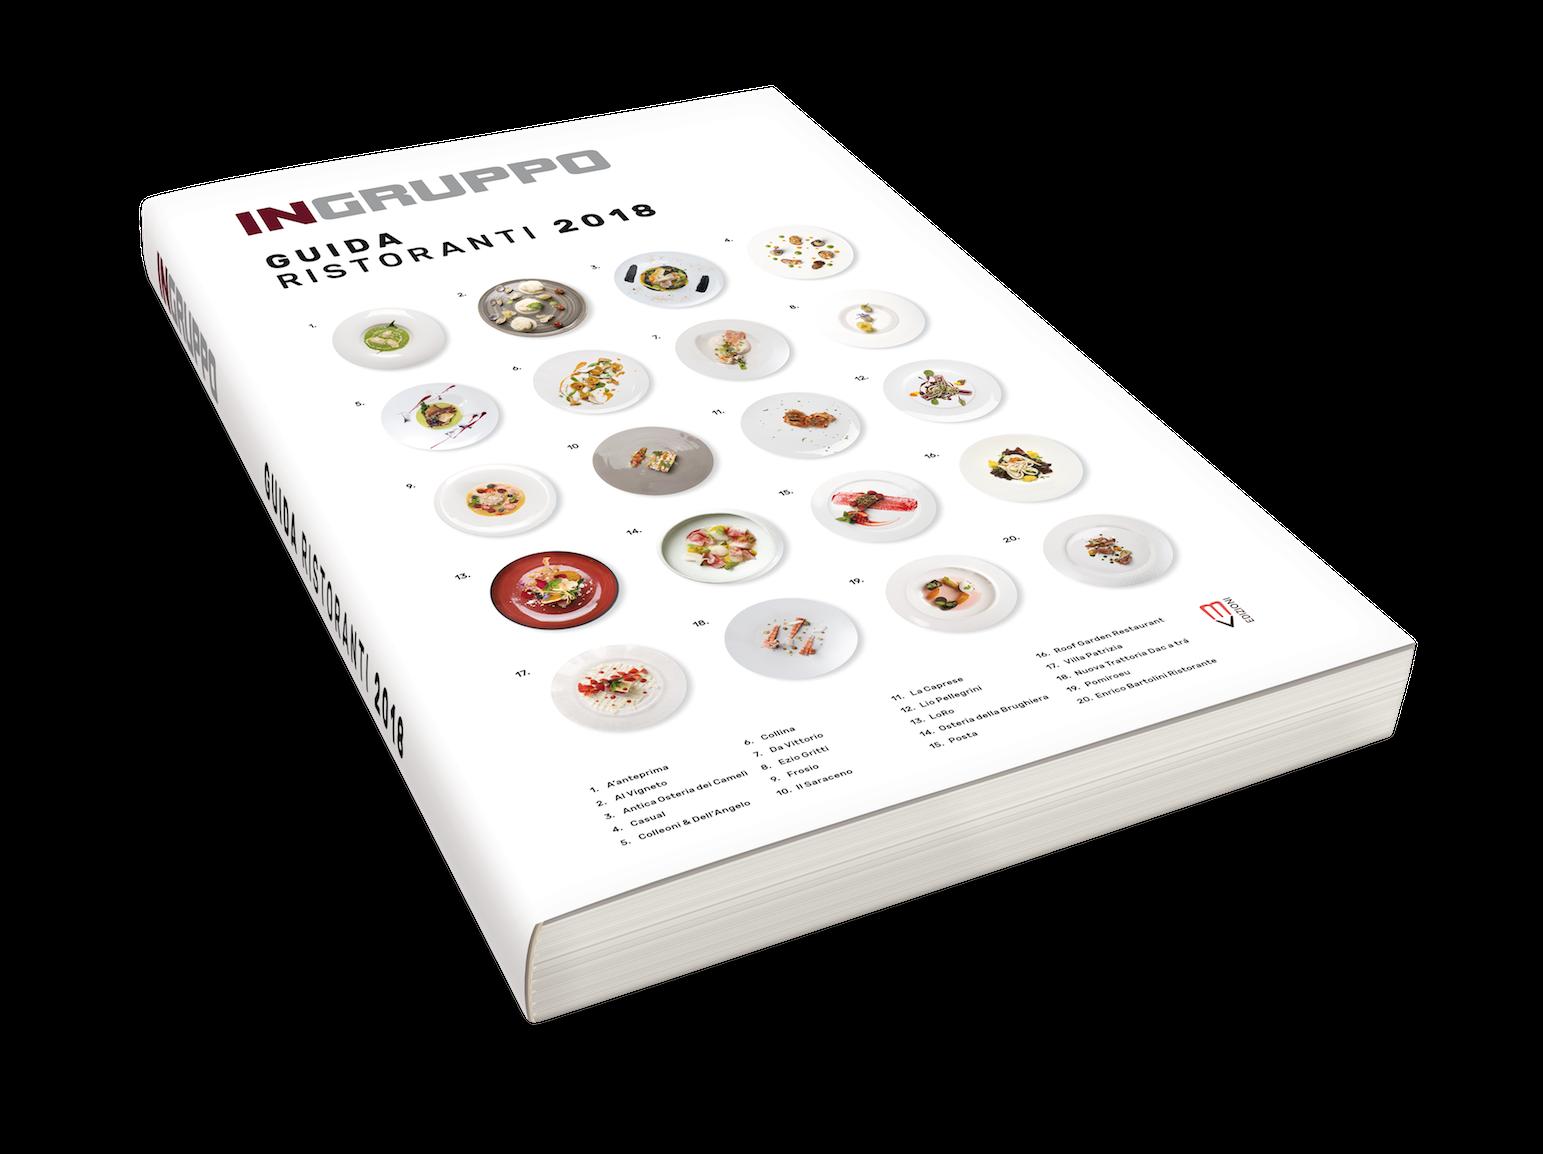 Dal 26 febbraio 2018 disponibile la prima edizione della Guida Ristoranti 2018 InGruppo